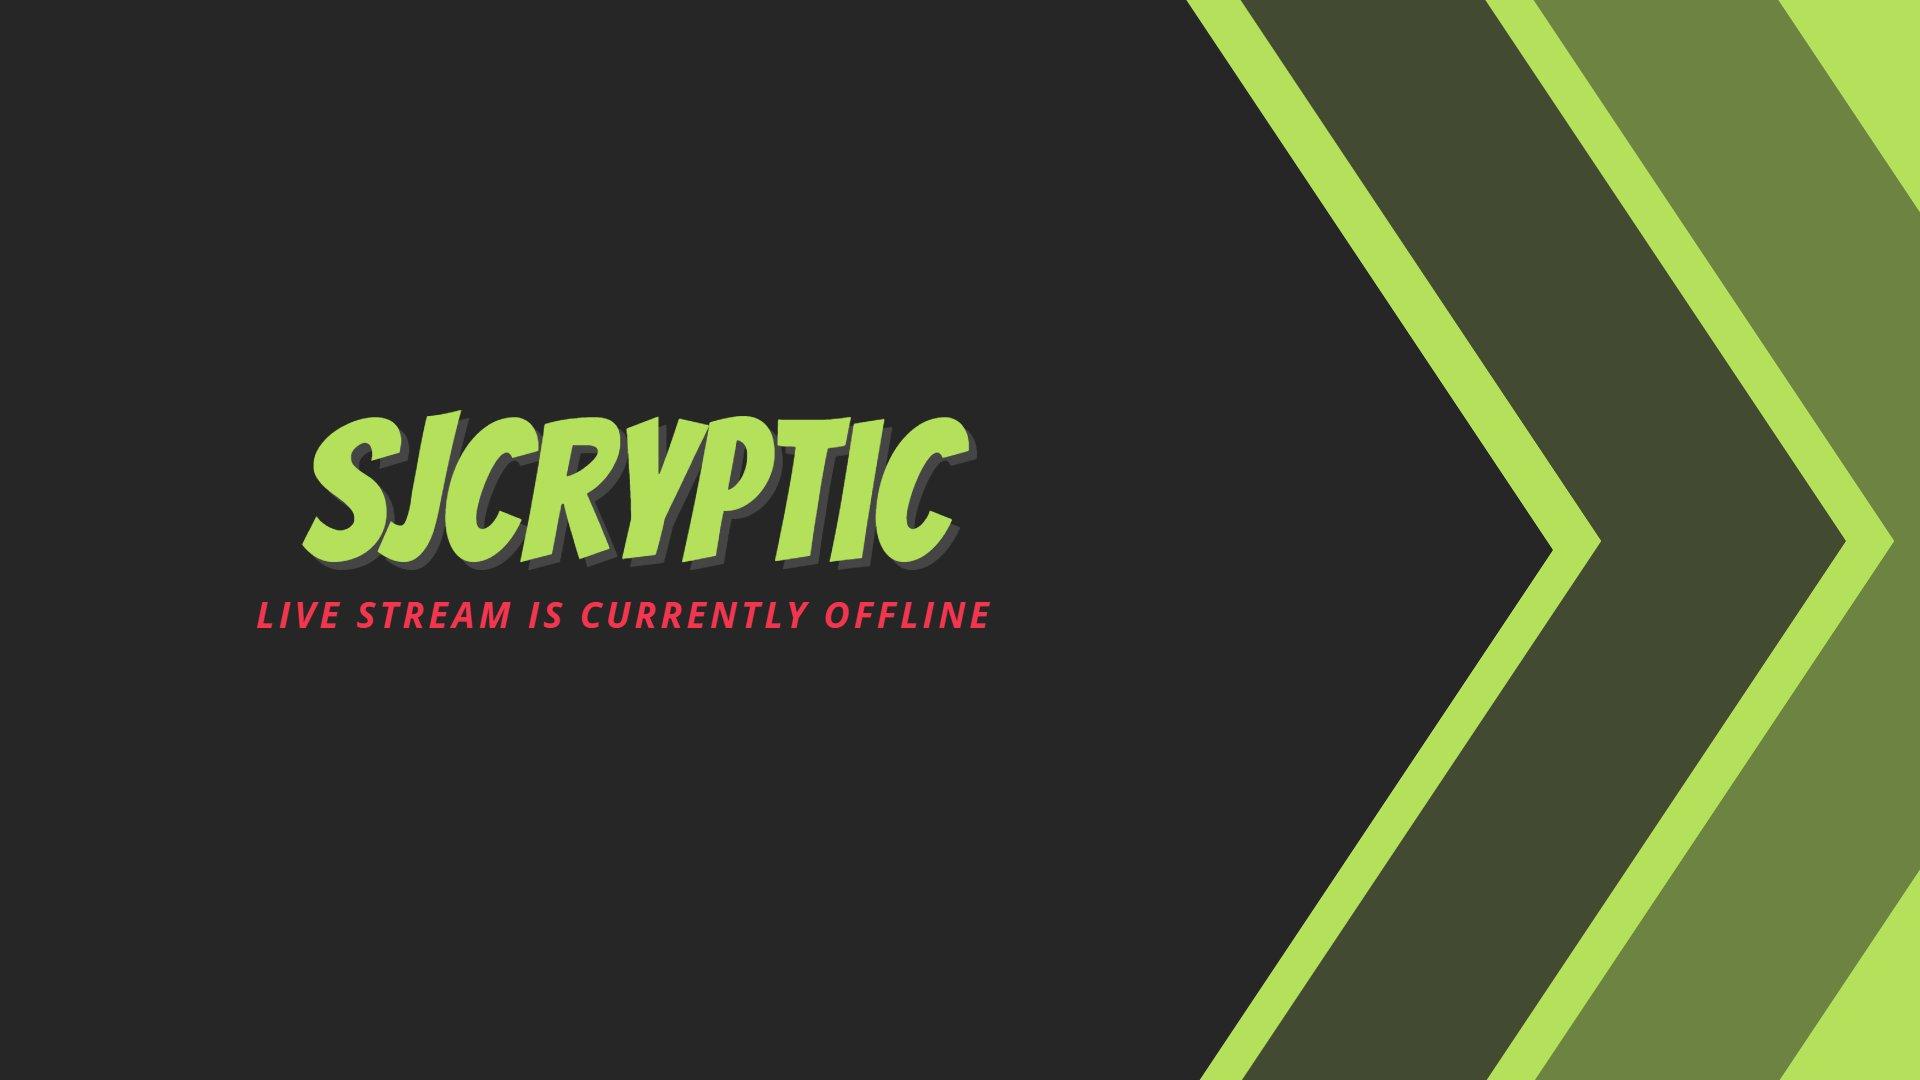 Twitch stream of SJCryptic